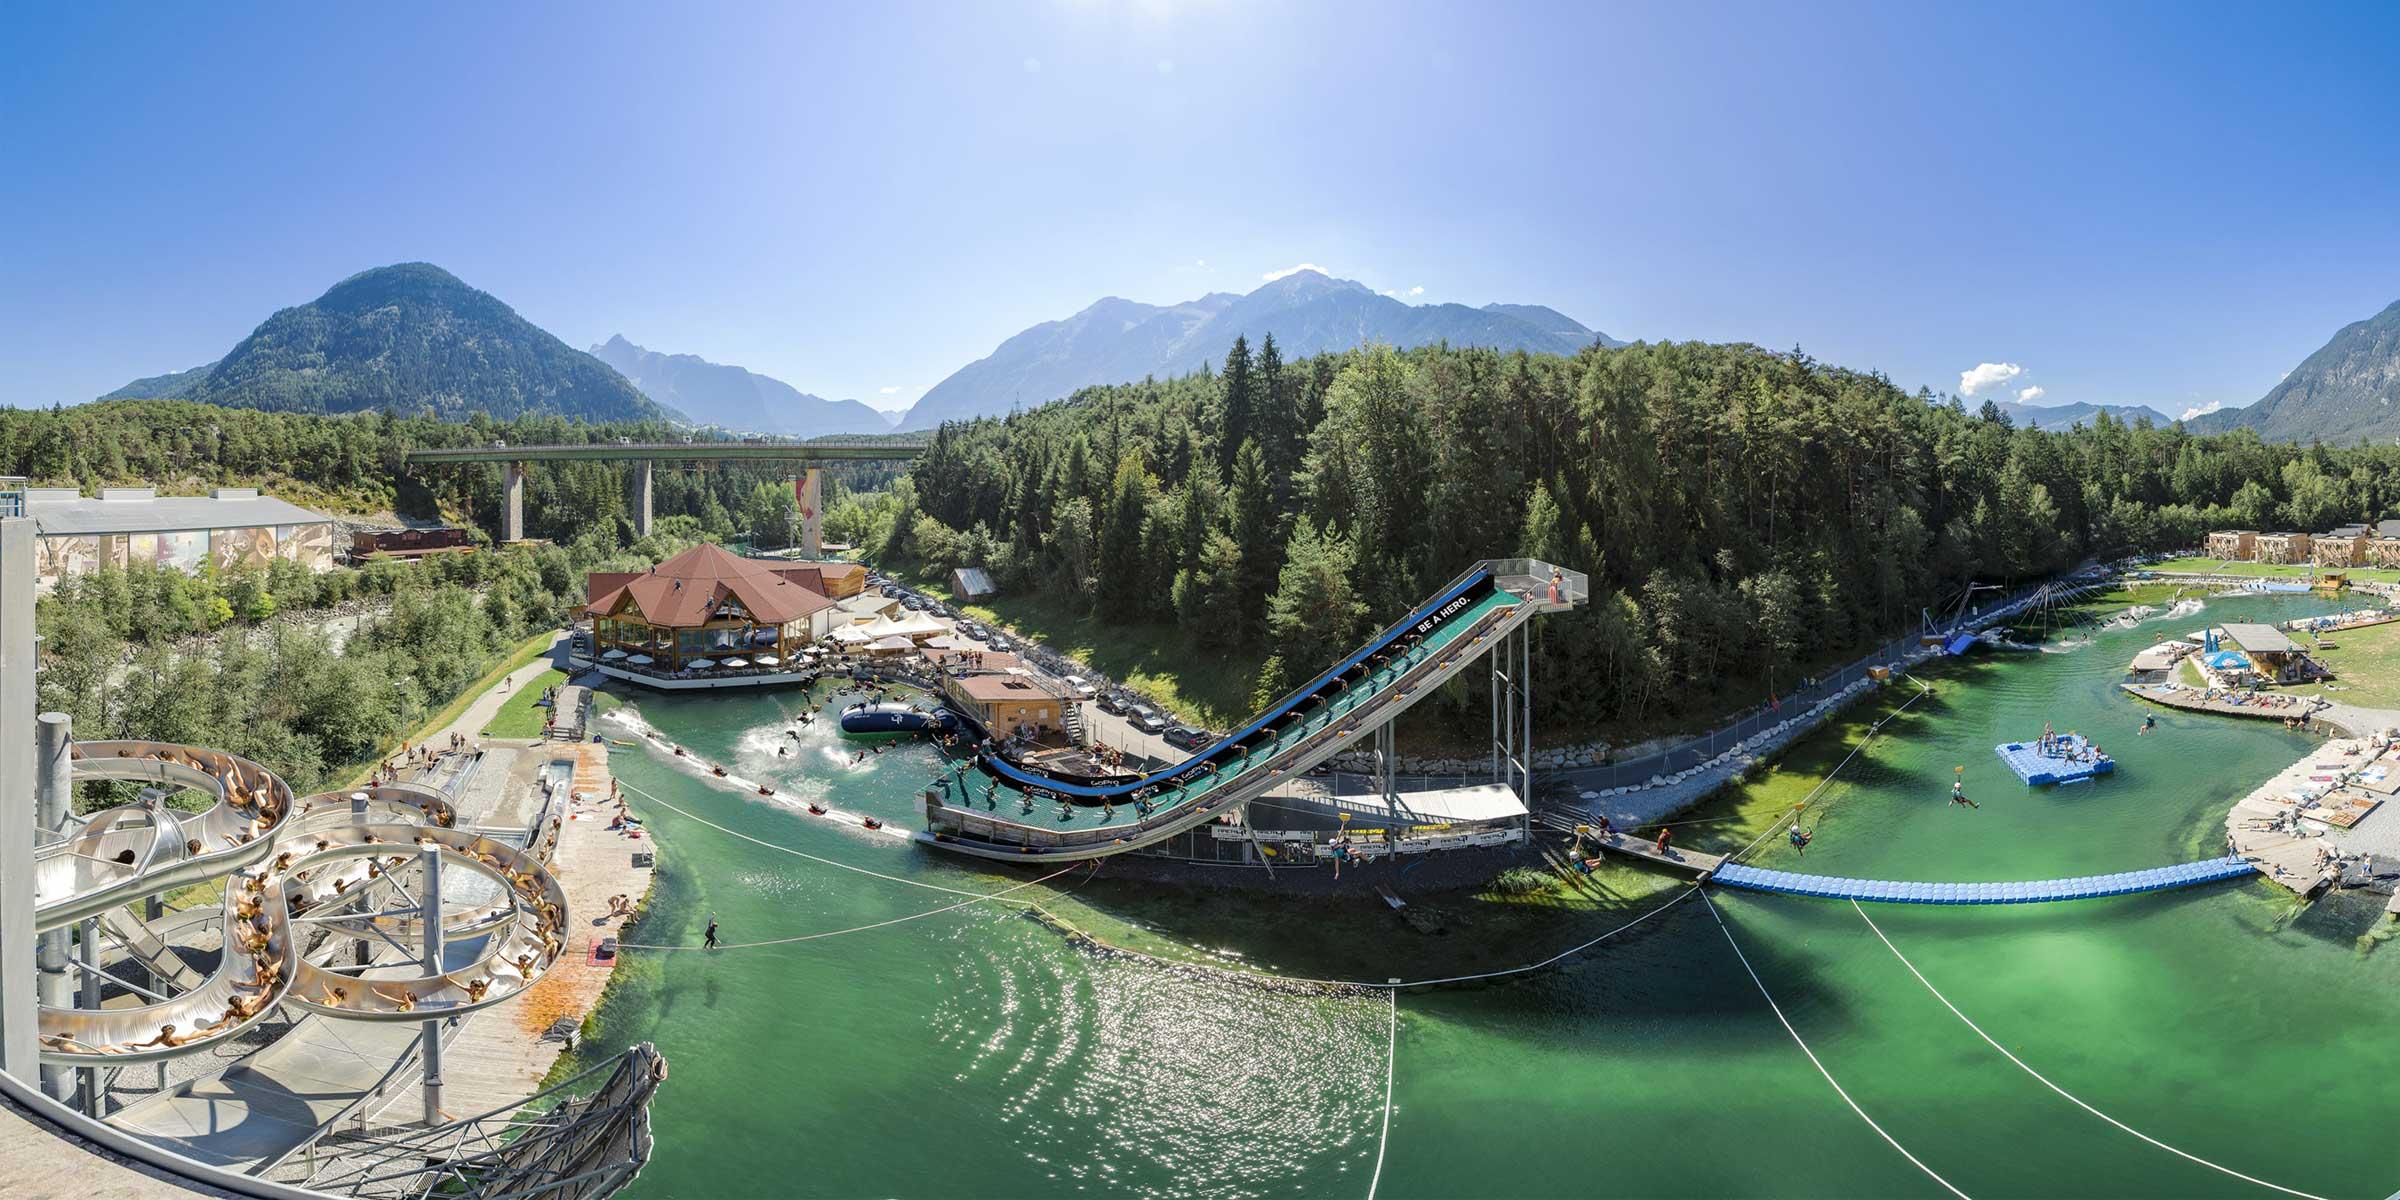 Der Water-Area Bereich der AREA47 - Ötztal Premium Card, Ötztal, Tirol